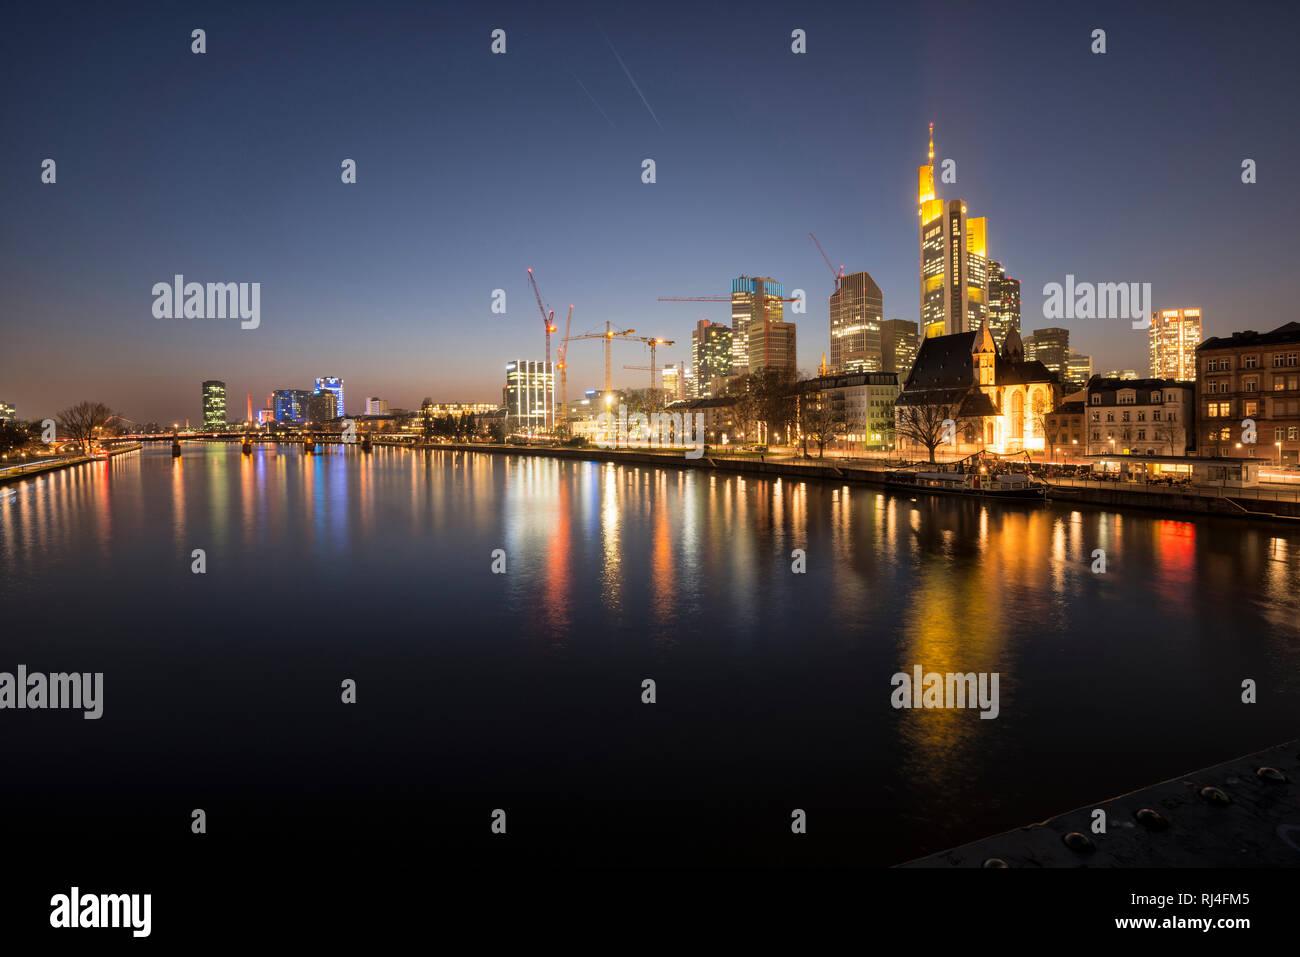 Deutschland, Frankfurt, Hessen, Innenstadt, Bankenviertel, Skyline, abends - Stock Image